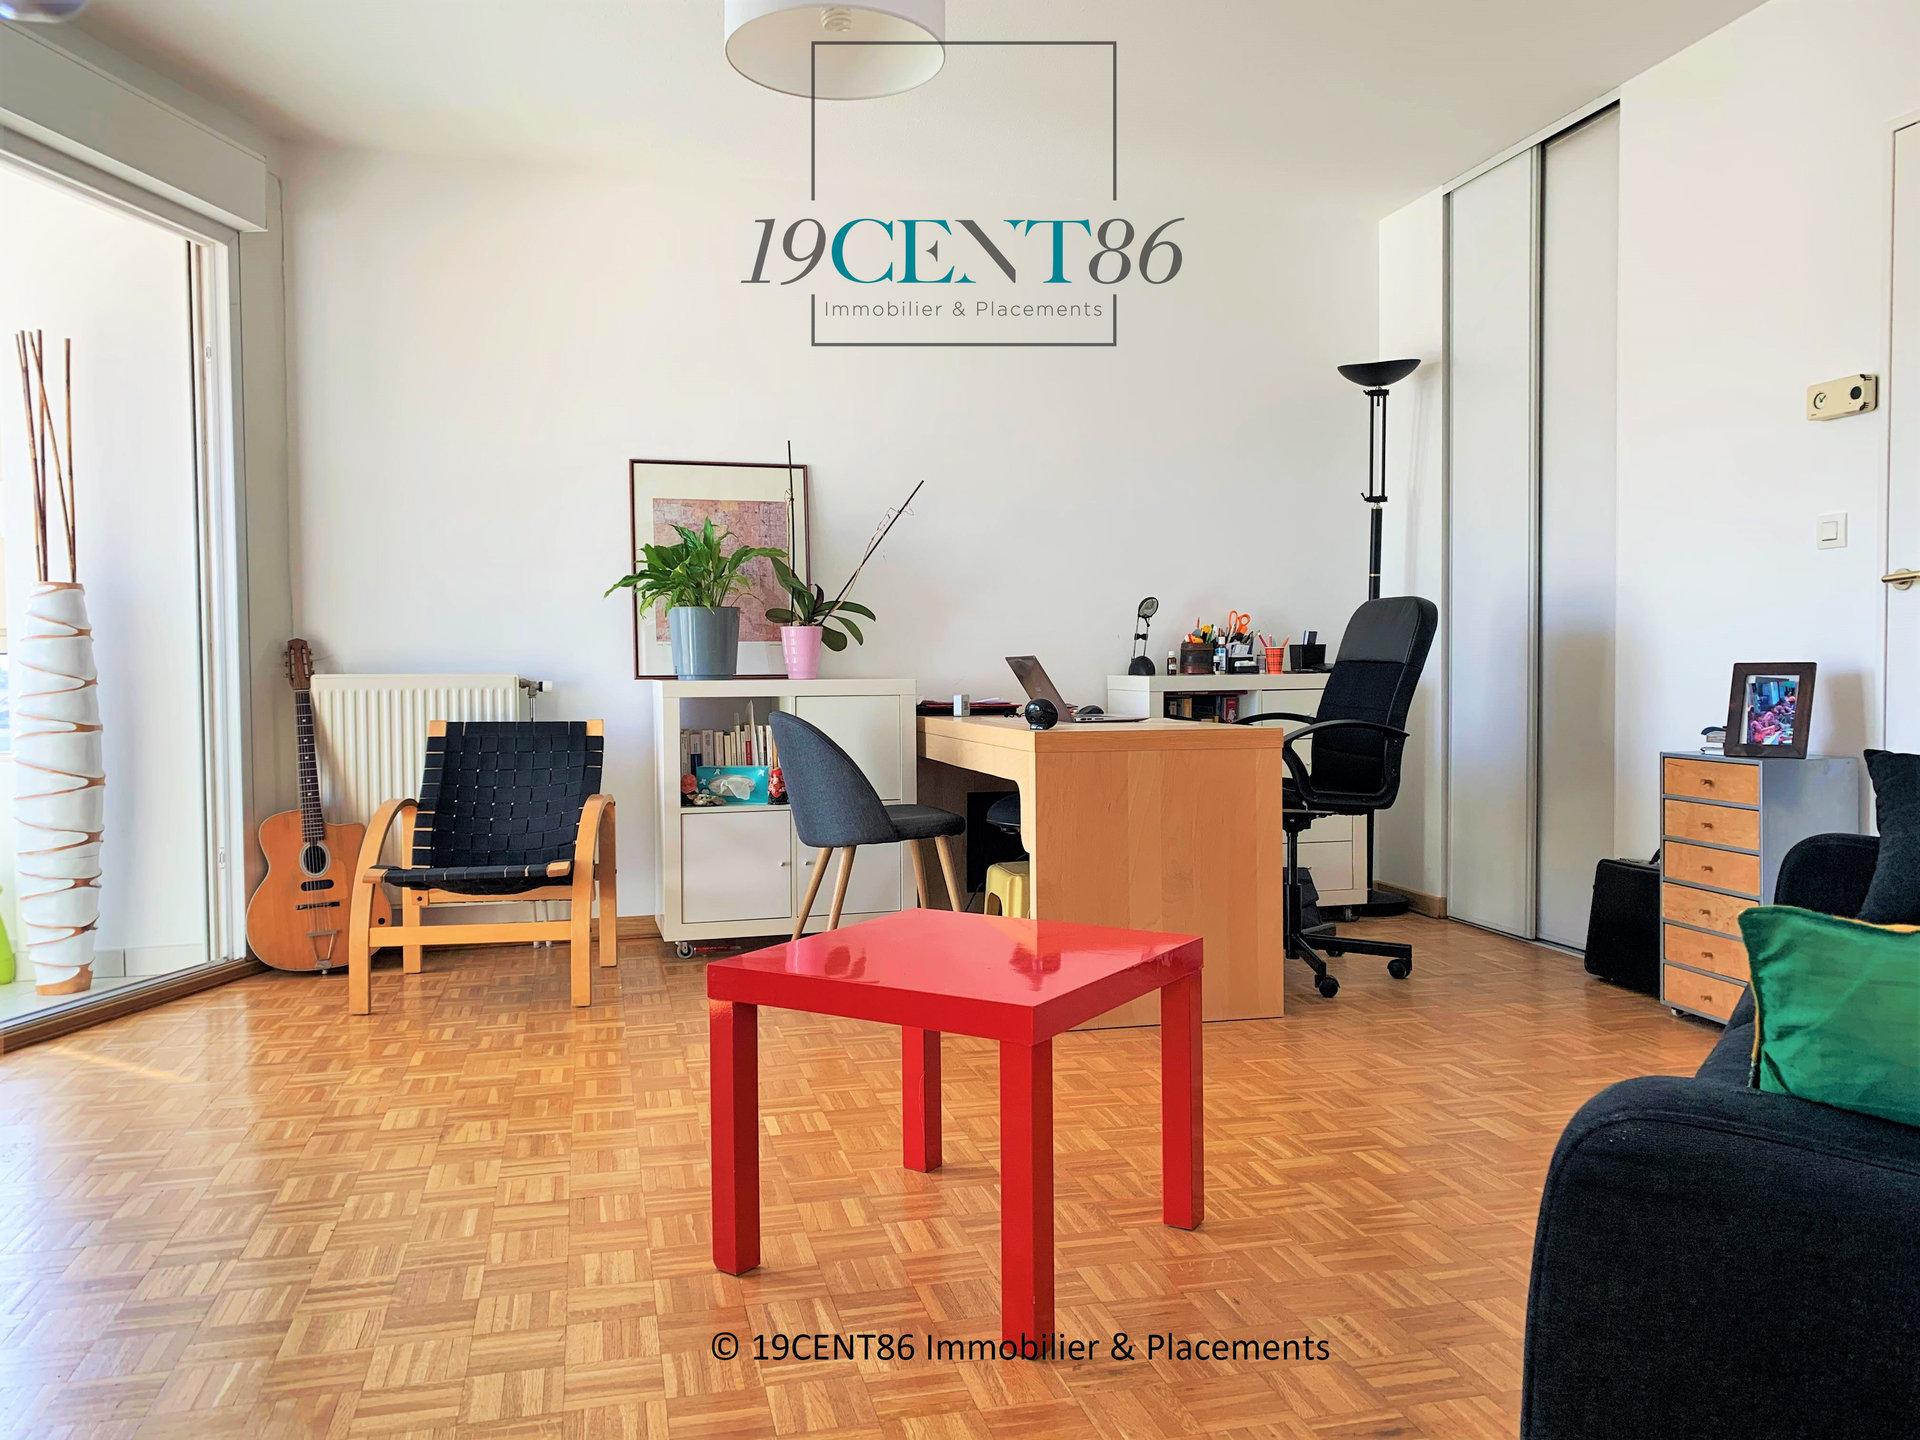 Vente Appartement Lyon 9ème Saint Pierre de Vaise